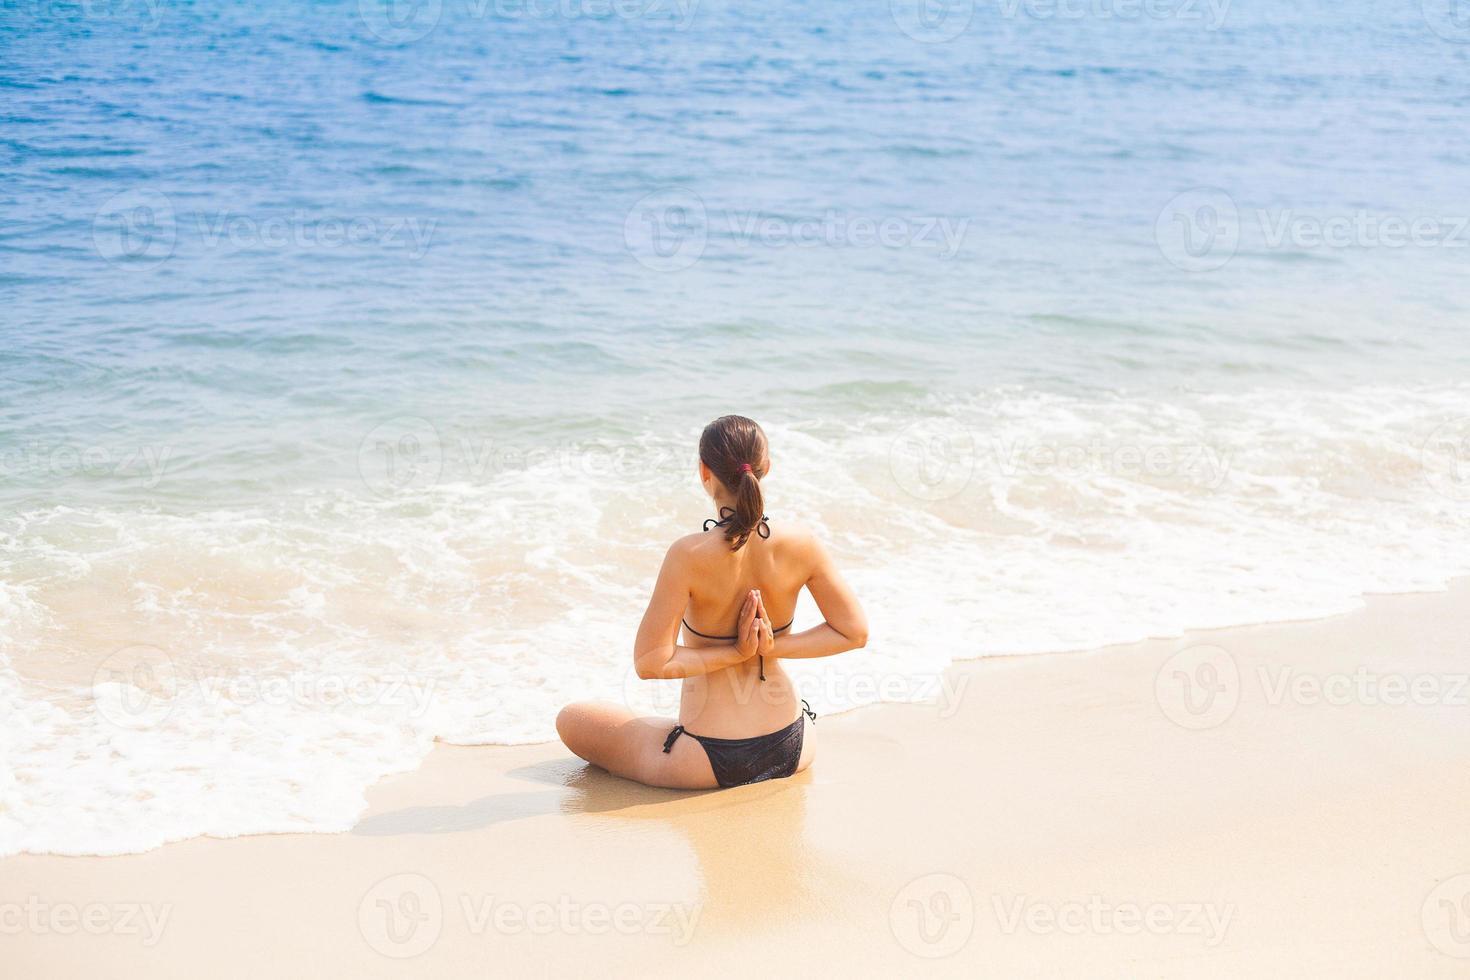 Kaukasische vrouw het beoefenen van yoga op het strand foto